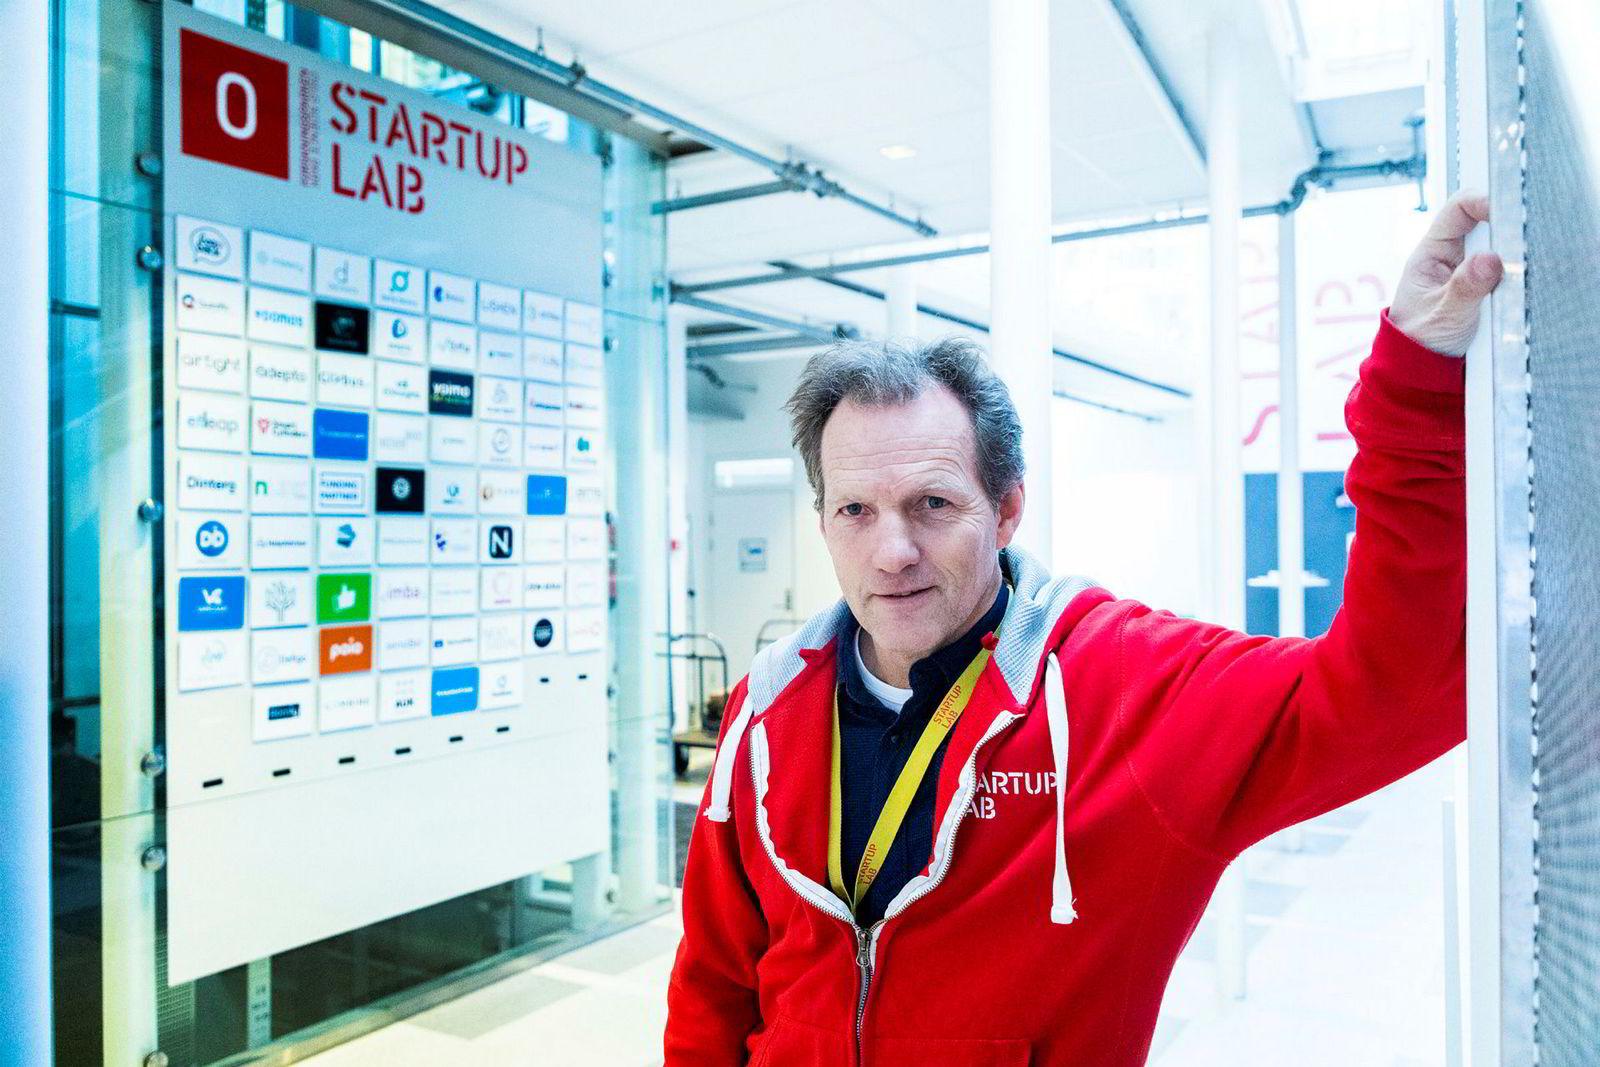 Rolf Assev, partner i StartupLab, ved tavlen med skiltene til selskapene som er en del av gründerfellesskapet.